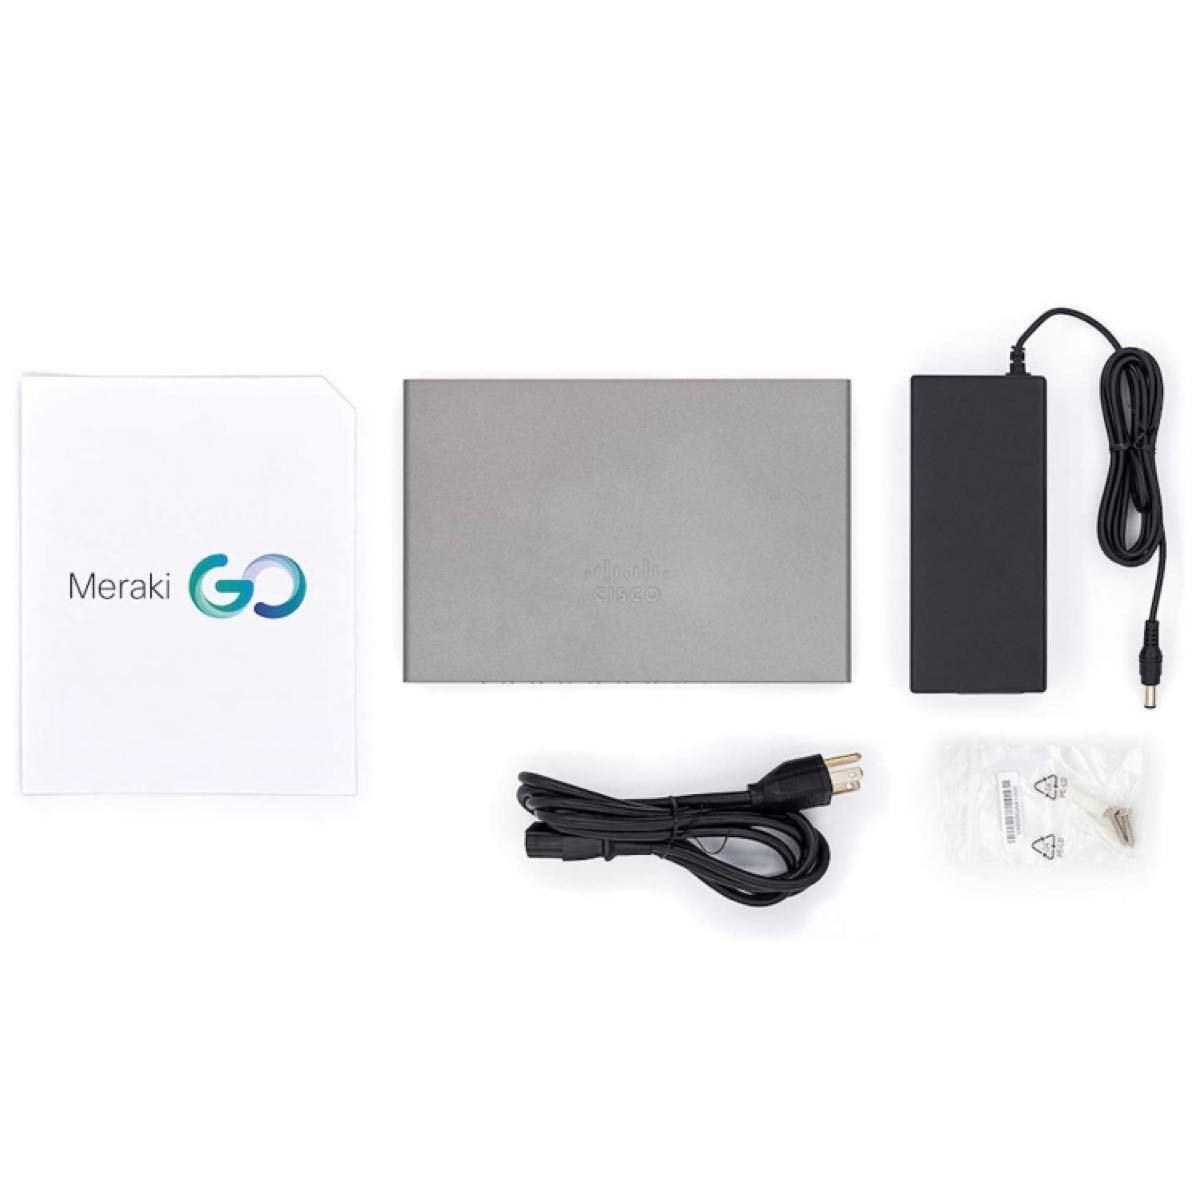 Cisco Meraki Go スイッチングハブ 8ポート PoE給電対応